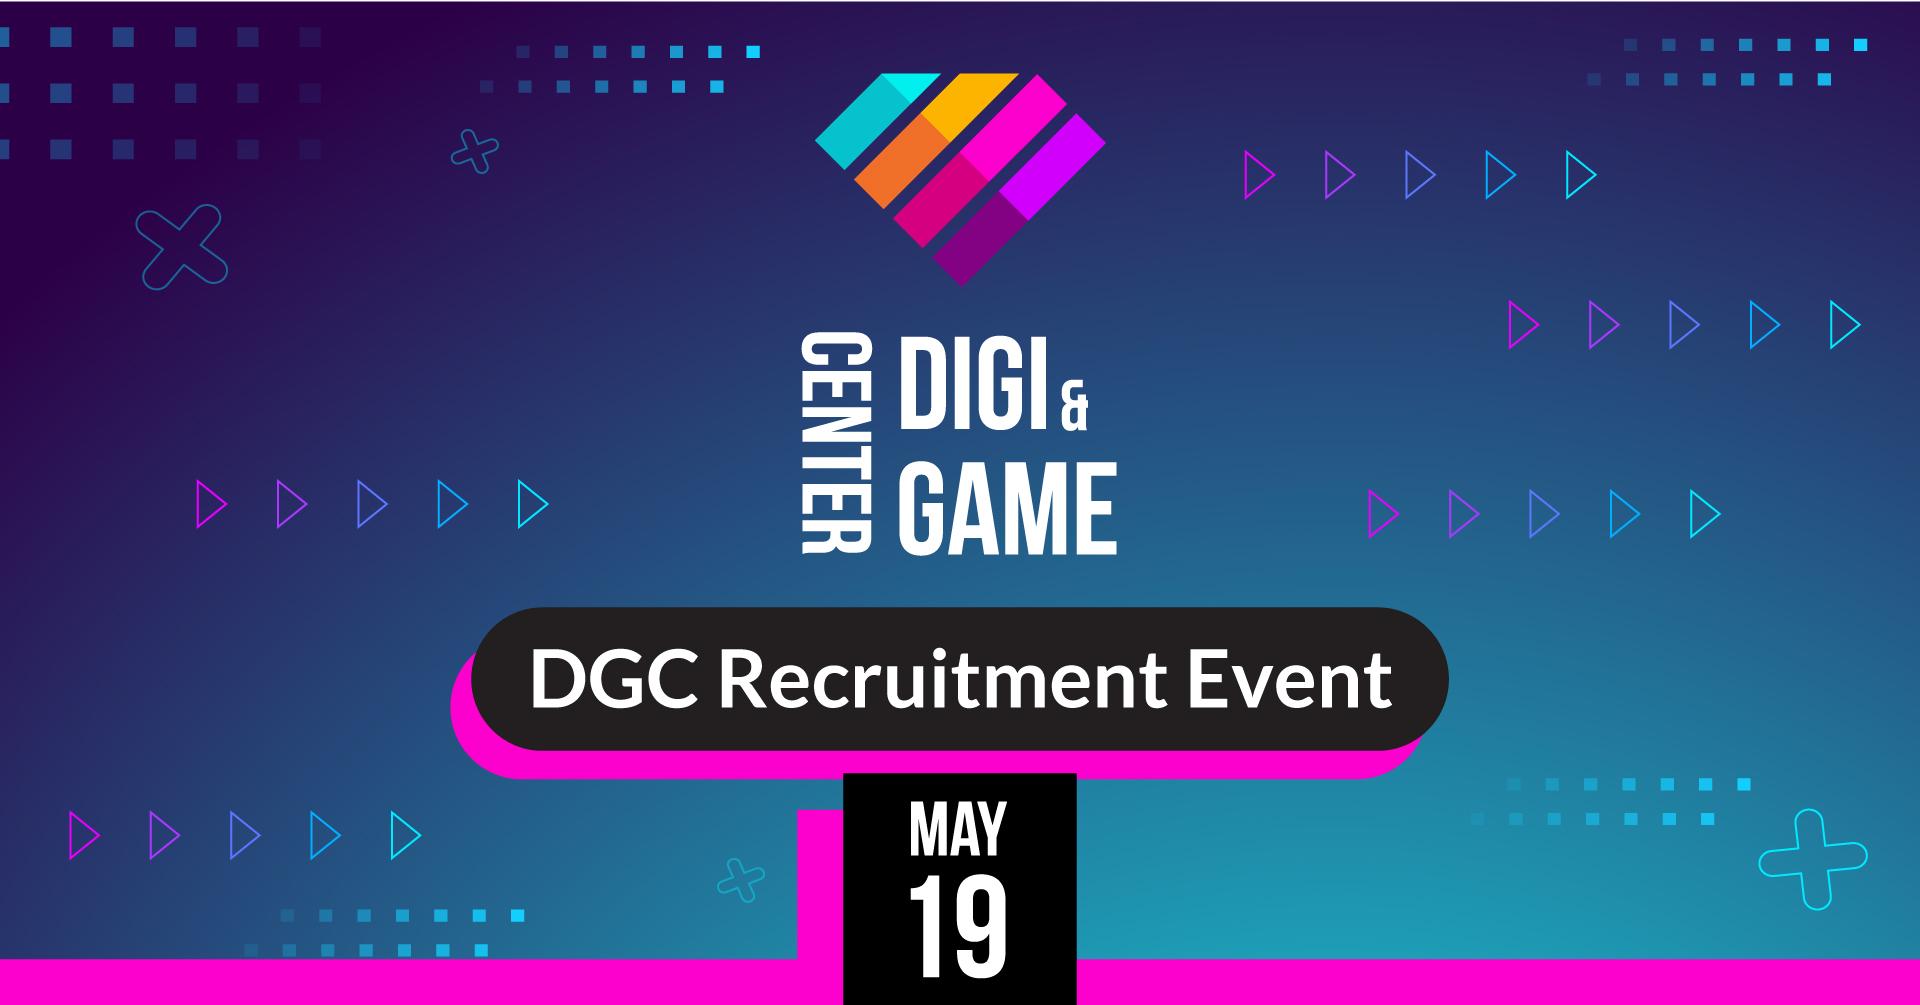 DGC Recruitment Event